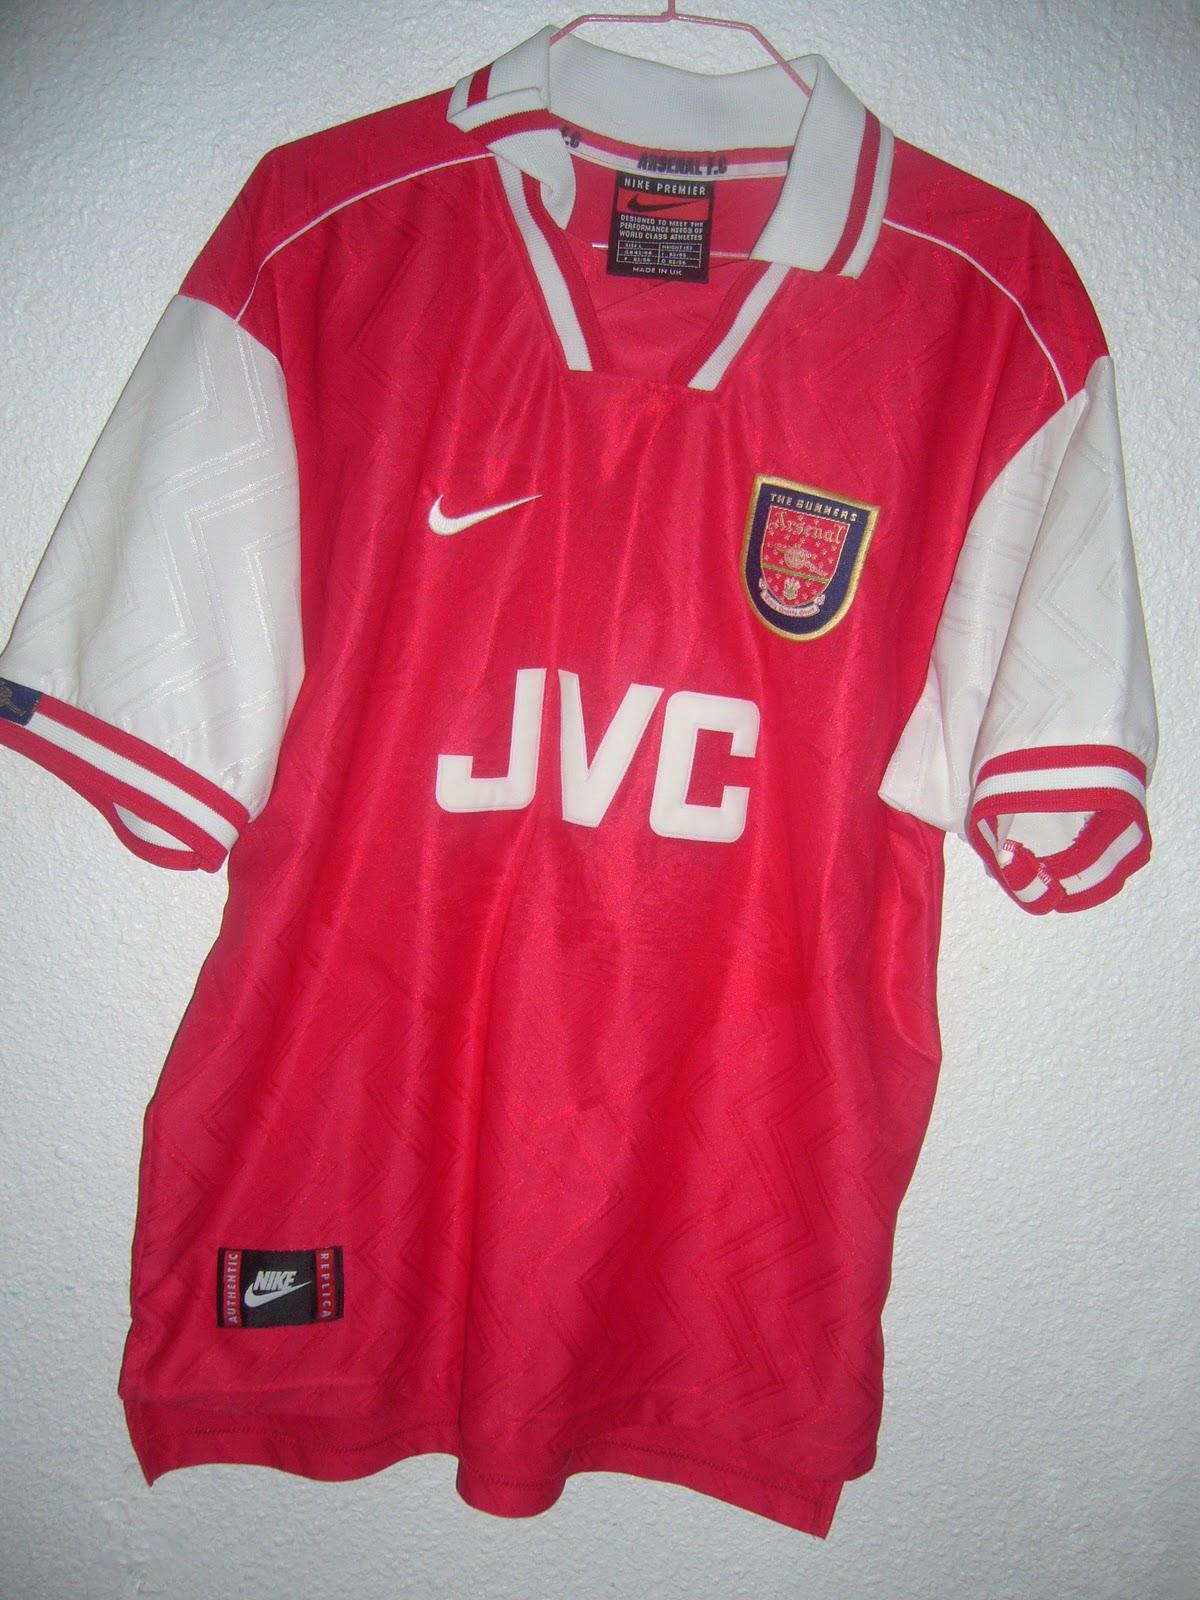 Mi colección de camisetas de fútbol  1ª camiseta Arsenal (Inglaterra ... fcedc749d138c